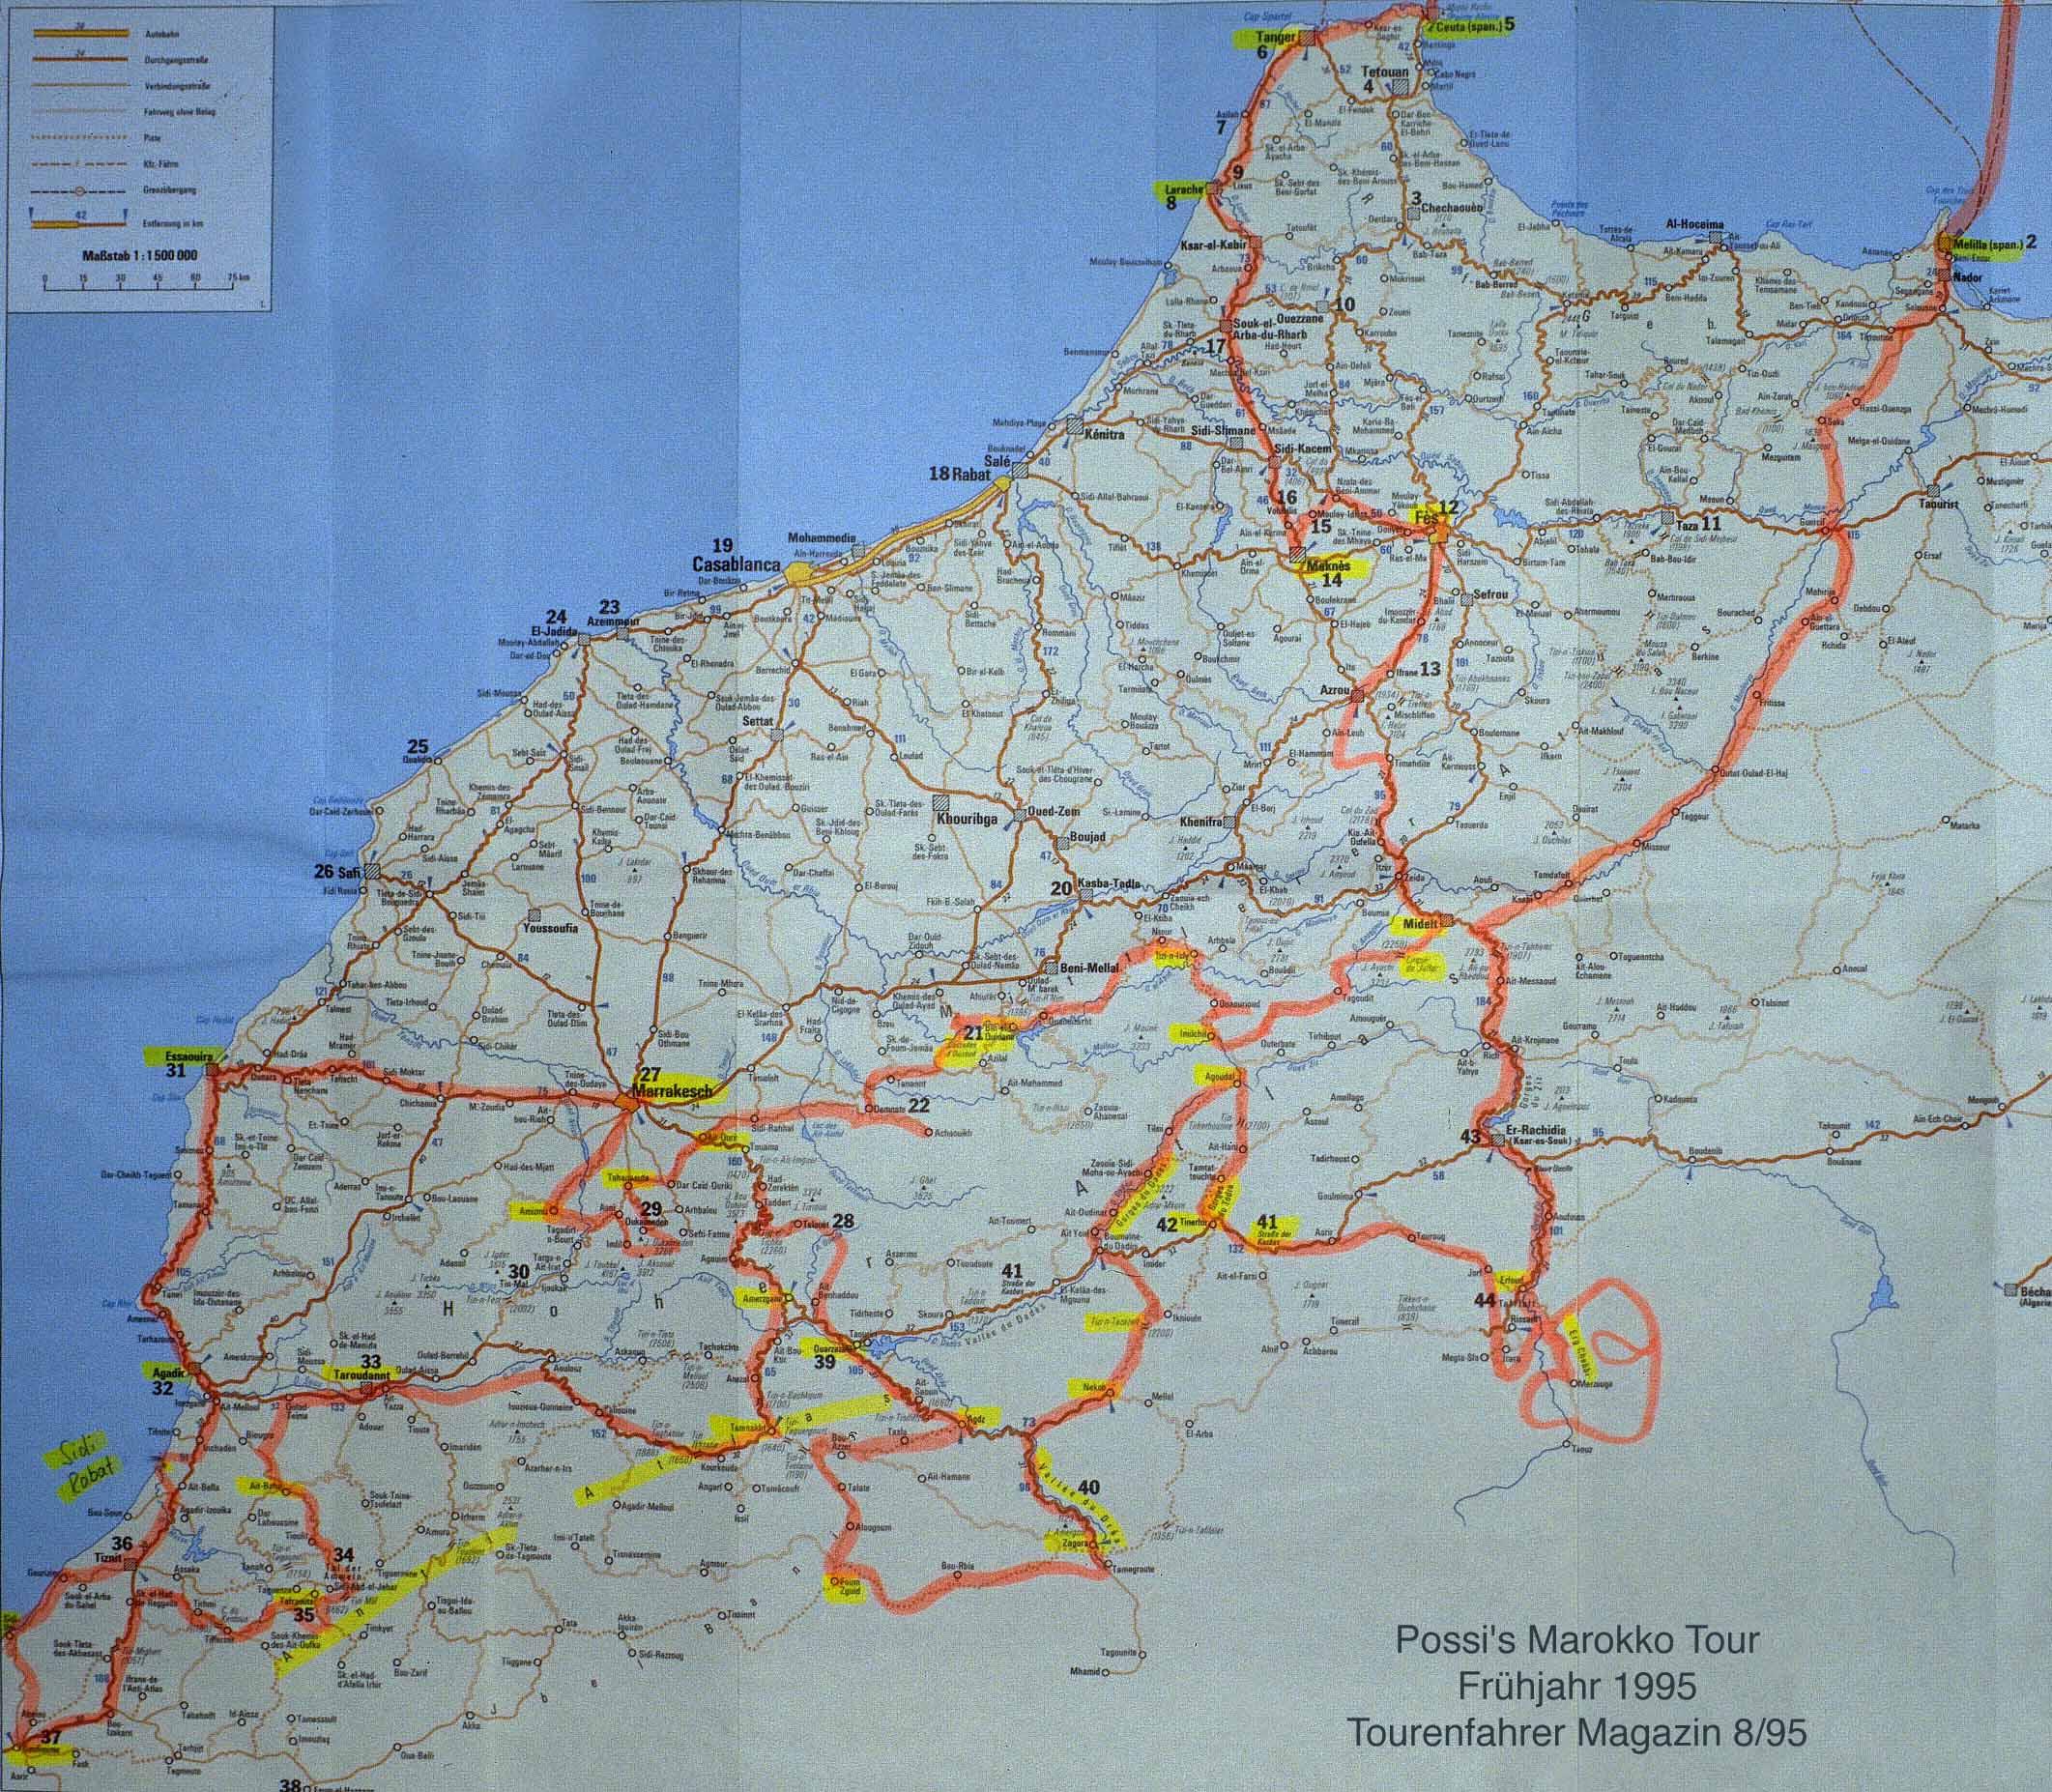 Grote Marokko landkaart